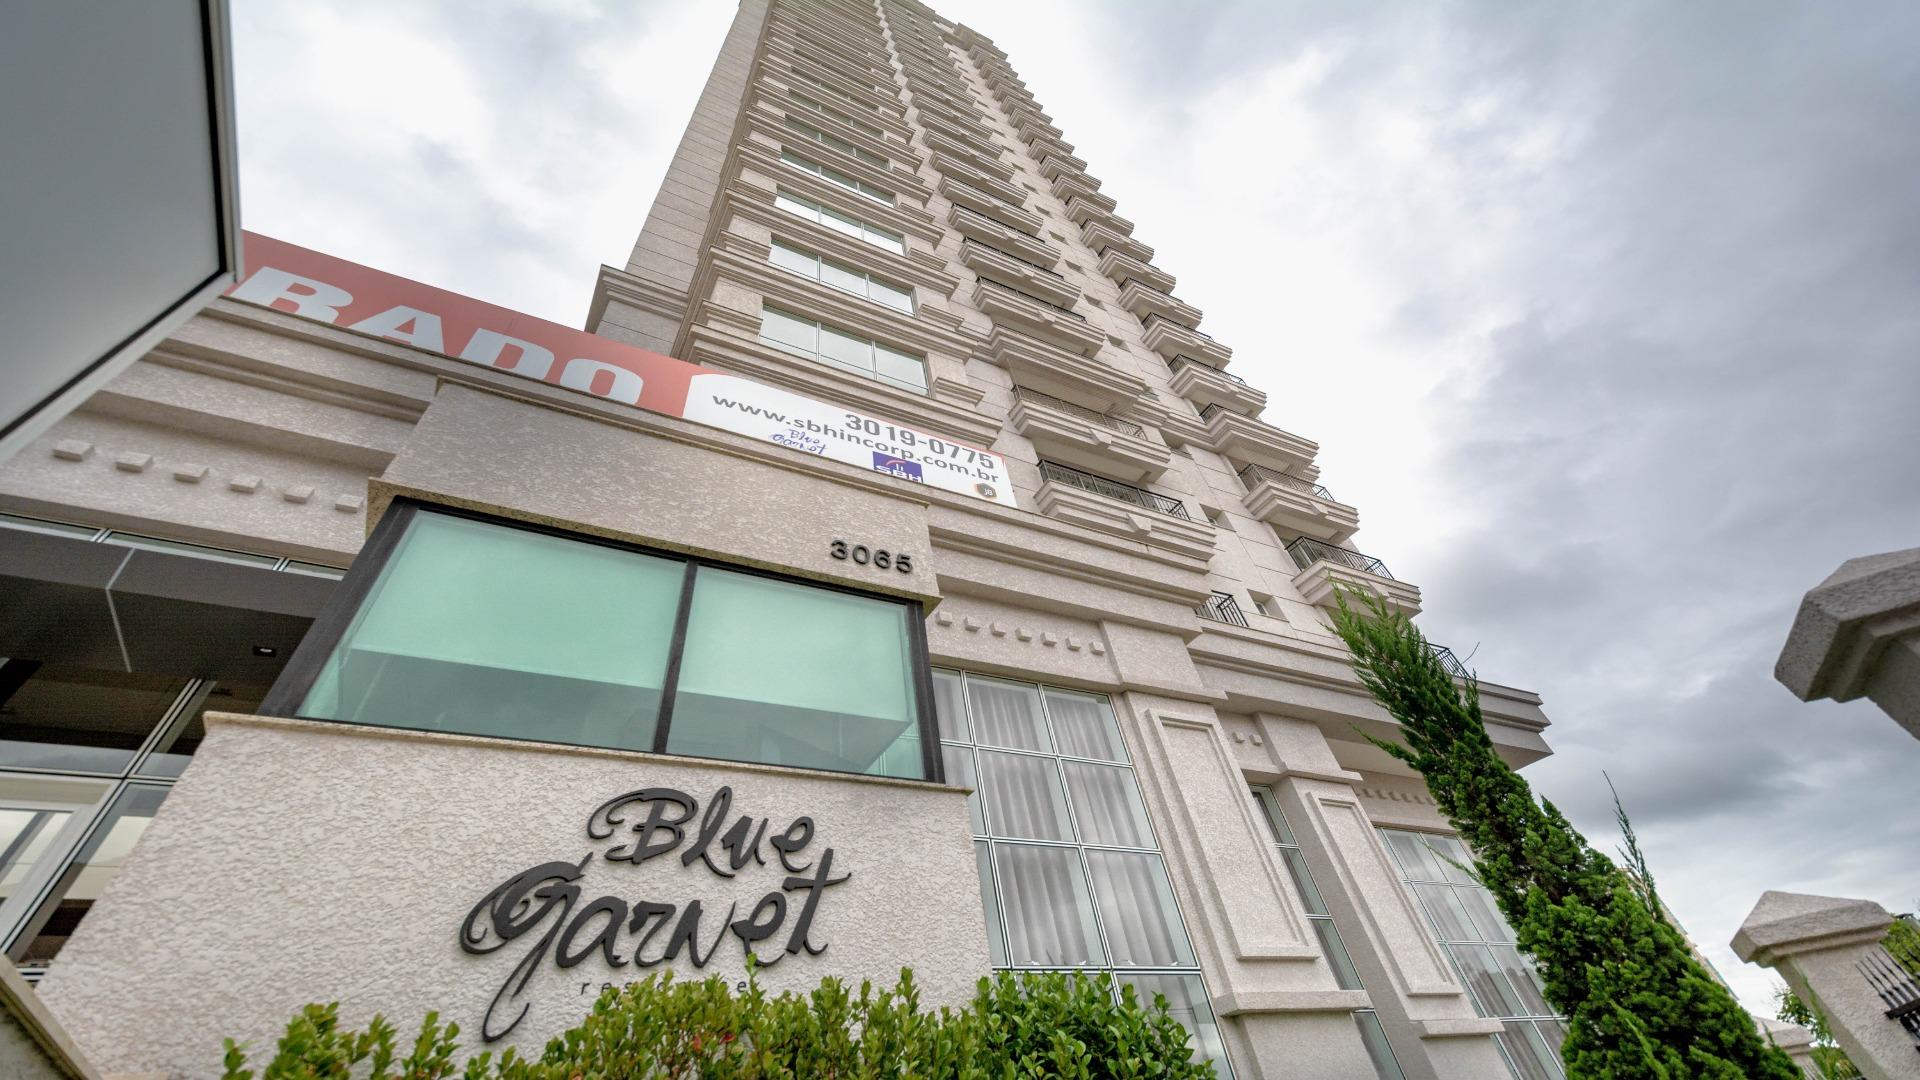 Foto de destaque Apartamento de alto padrão com vista definida